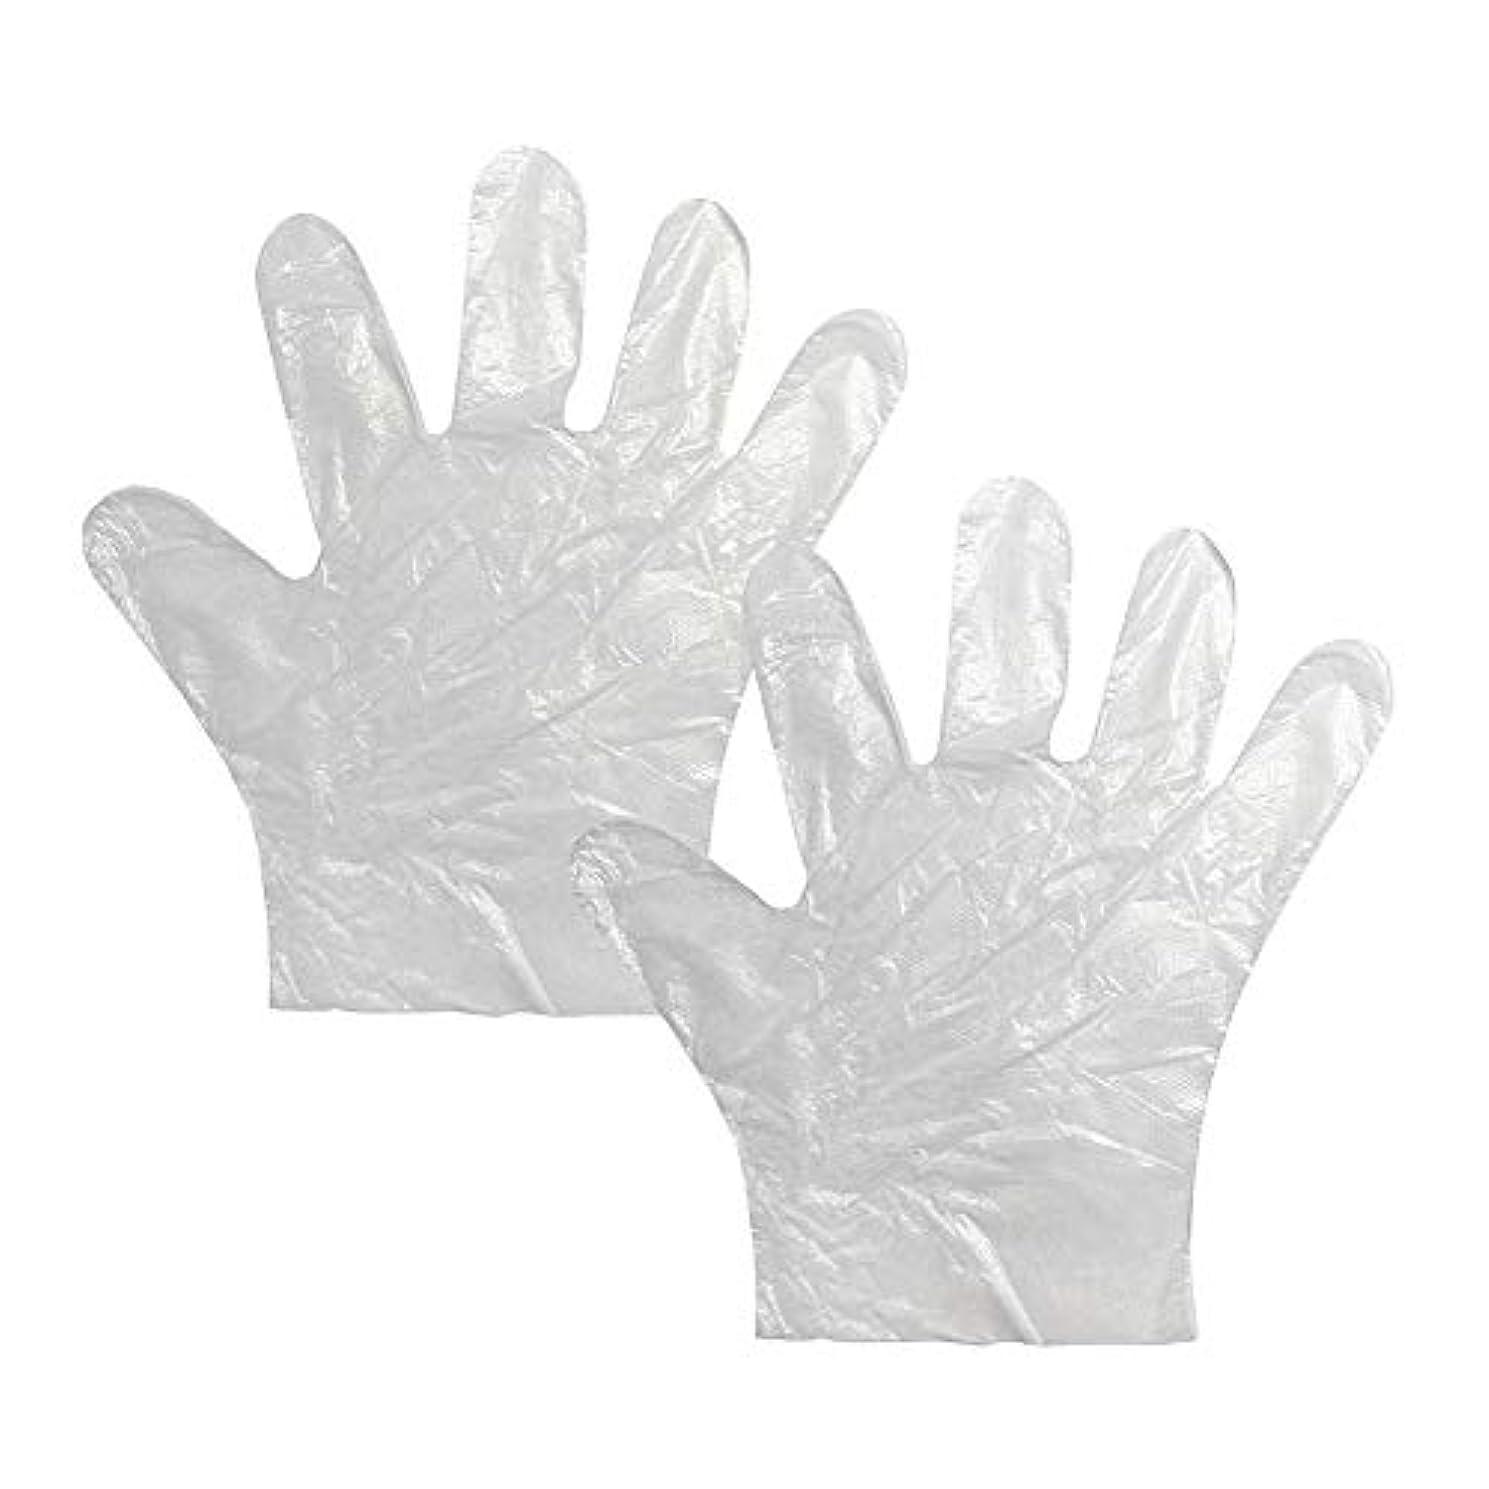 テーブル寮小道具KUKUYA(ククヤ) 使い捨て手袋 極薄ビニール手袋 ポリエチレン 透明 実用 衛生 100枚*2セット